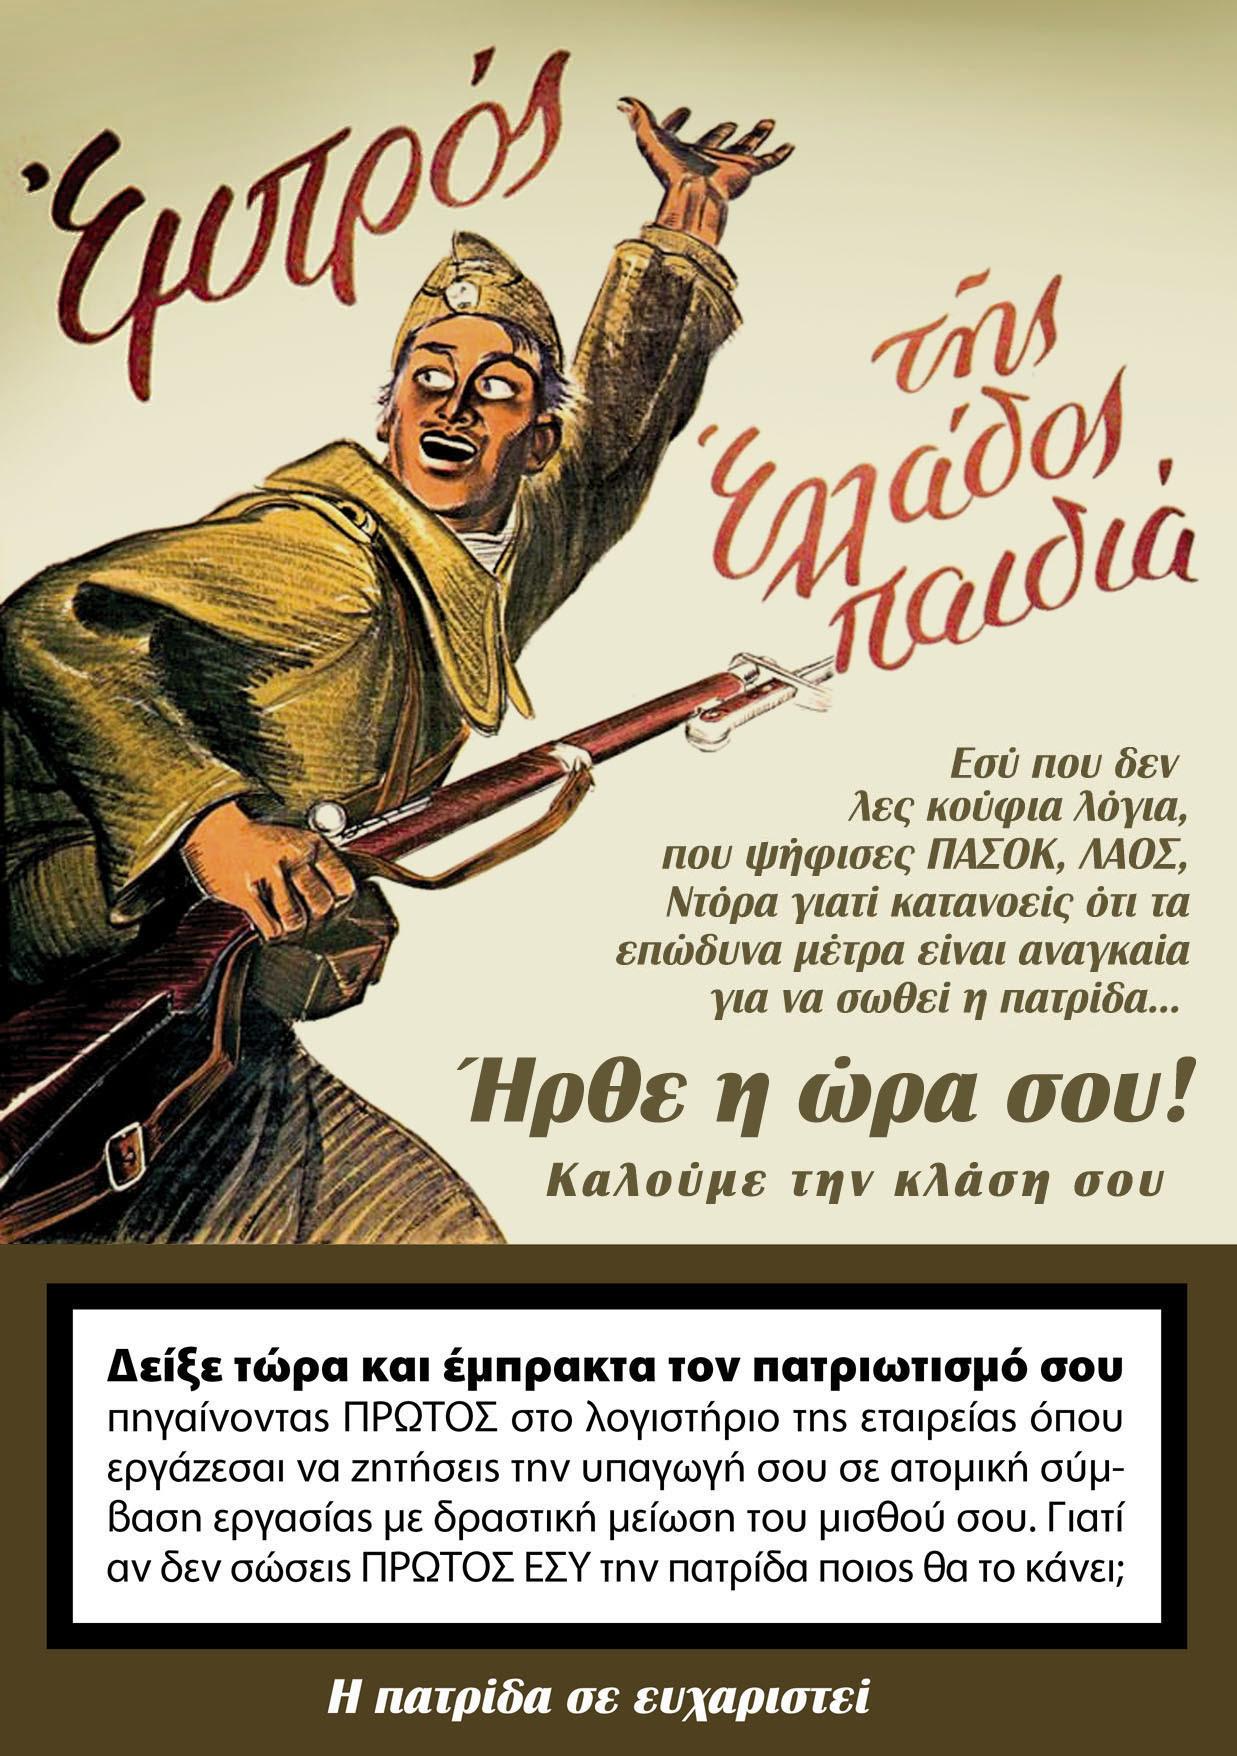 Εμπρός της Ελλάδος παιδιά!!!